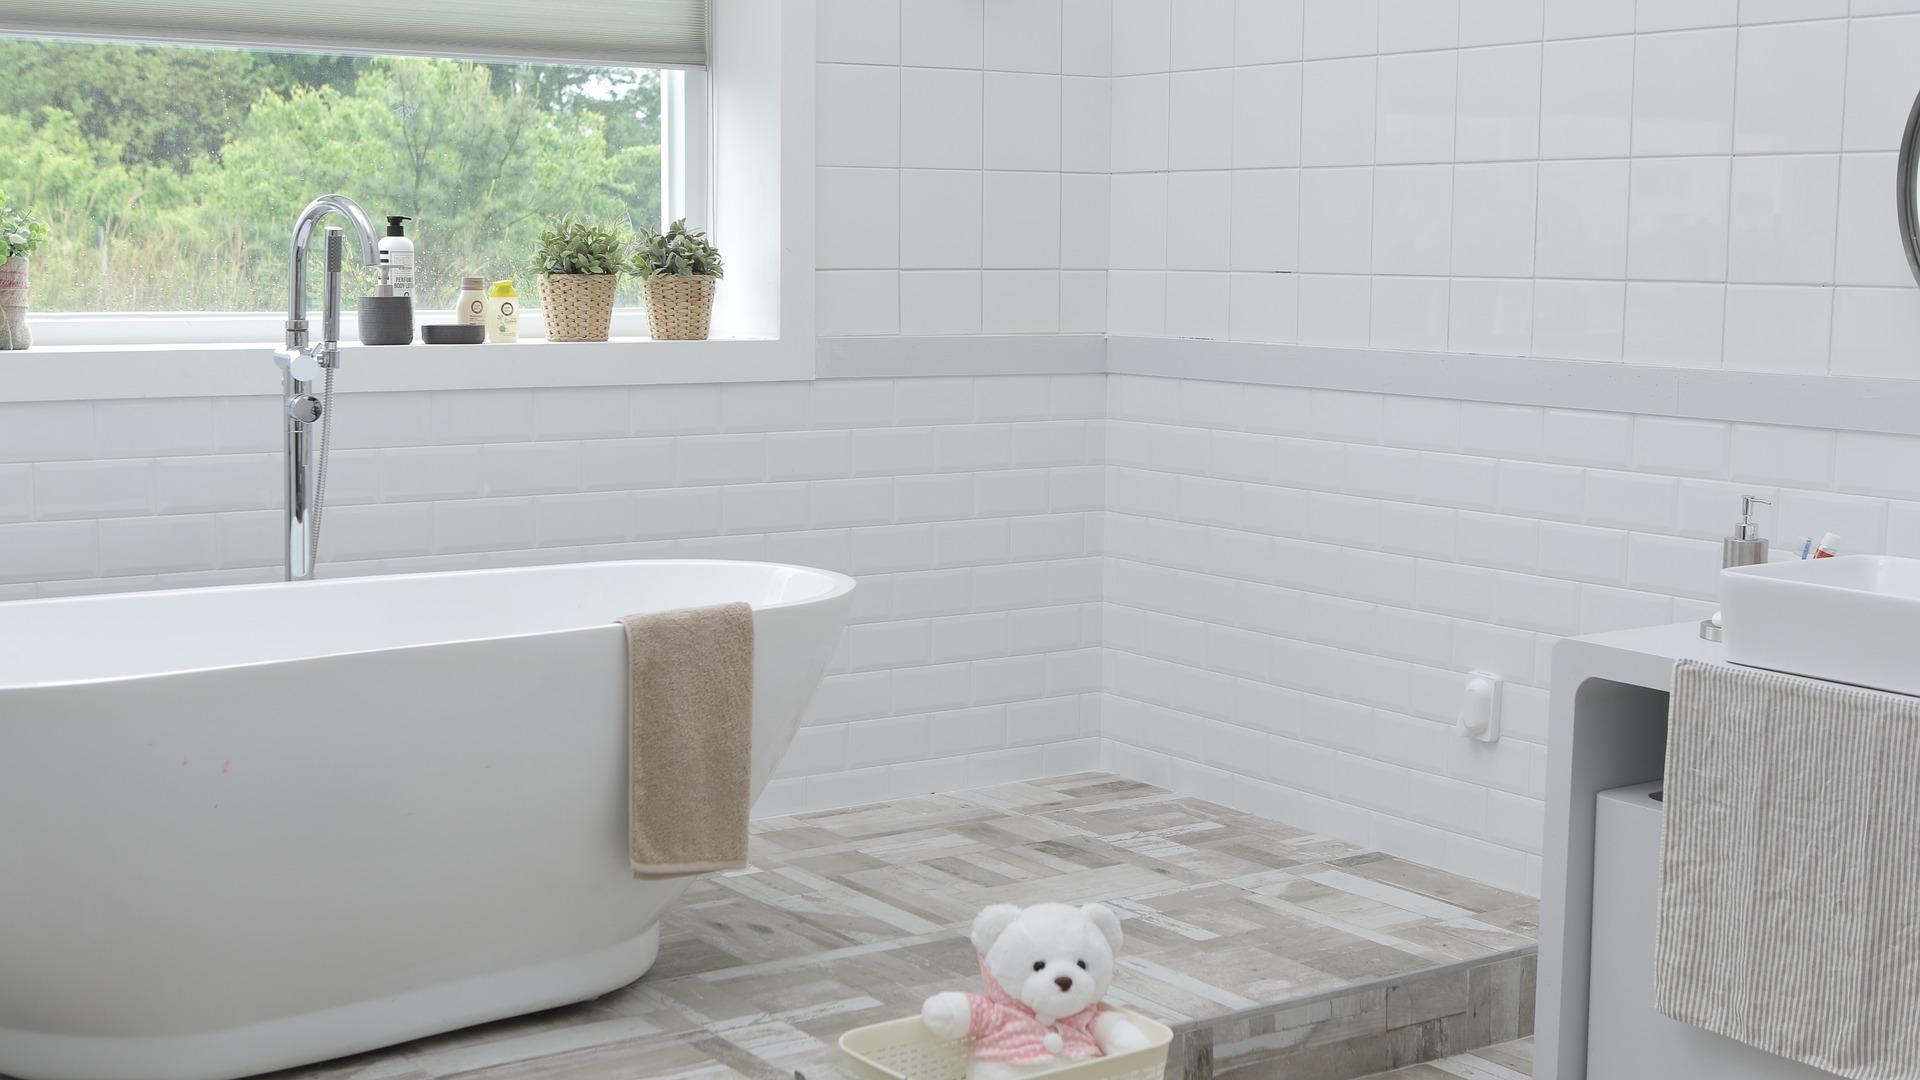 Łazienka też może być stylowa. Wybierz aranżację kolonialną